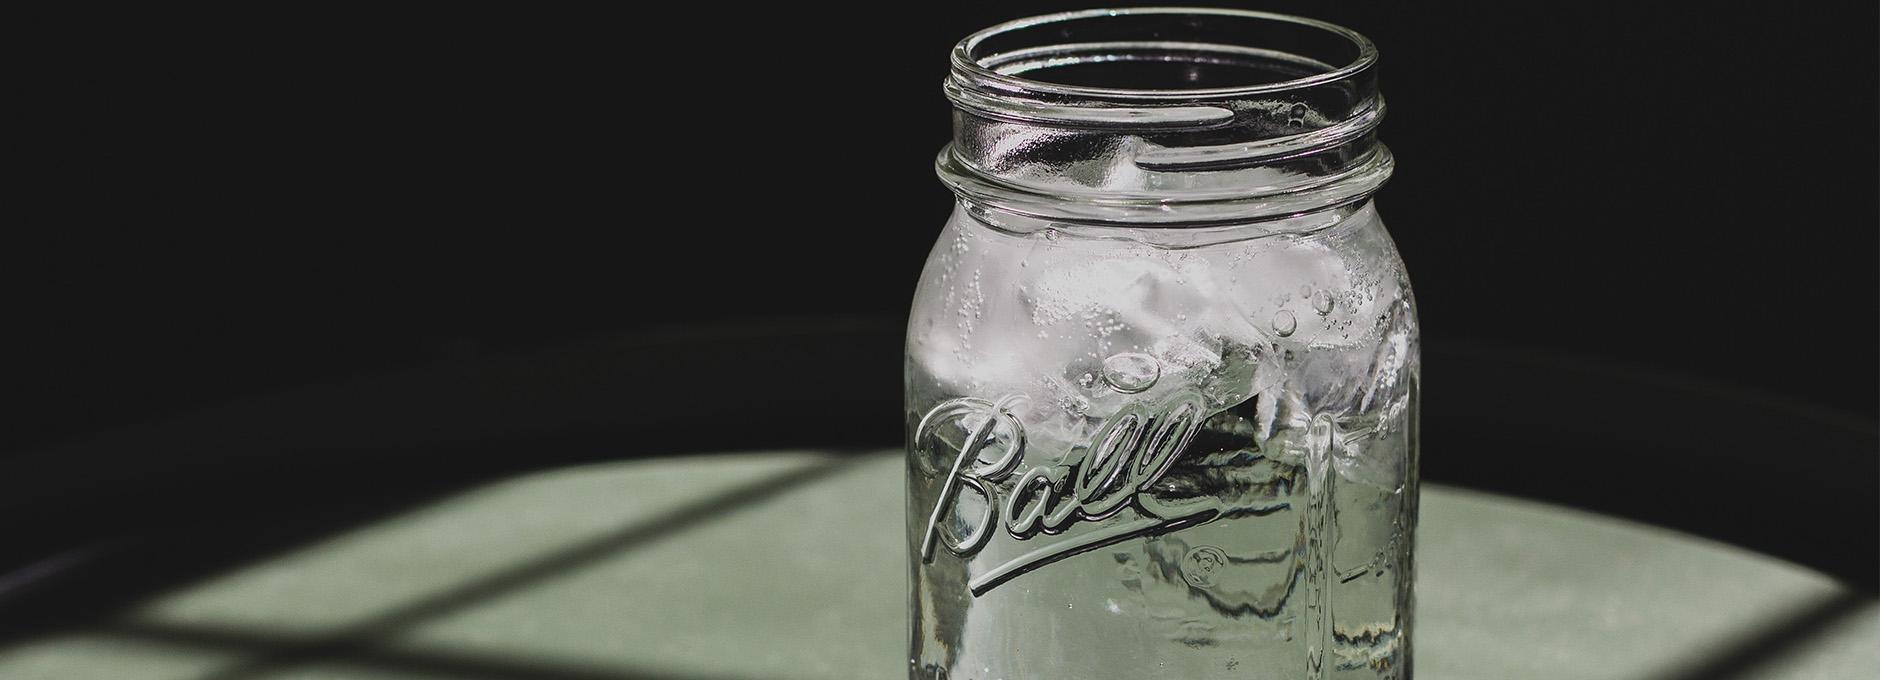 Water in mason jar